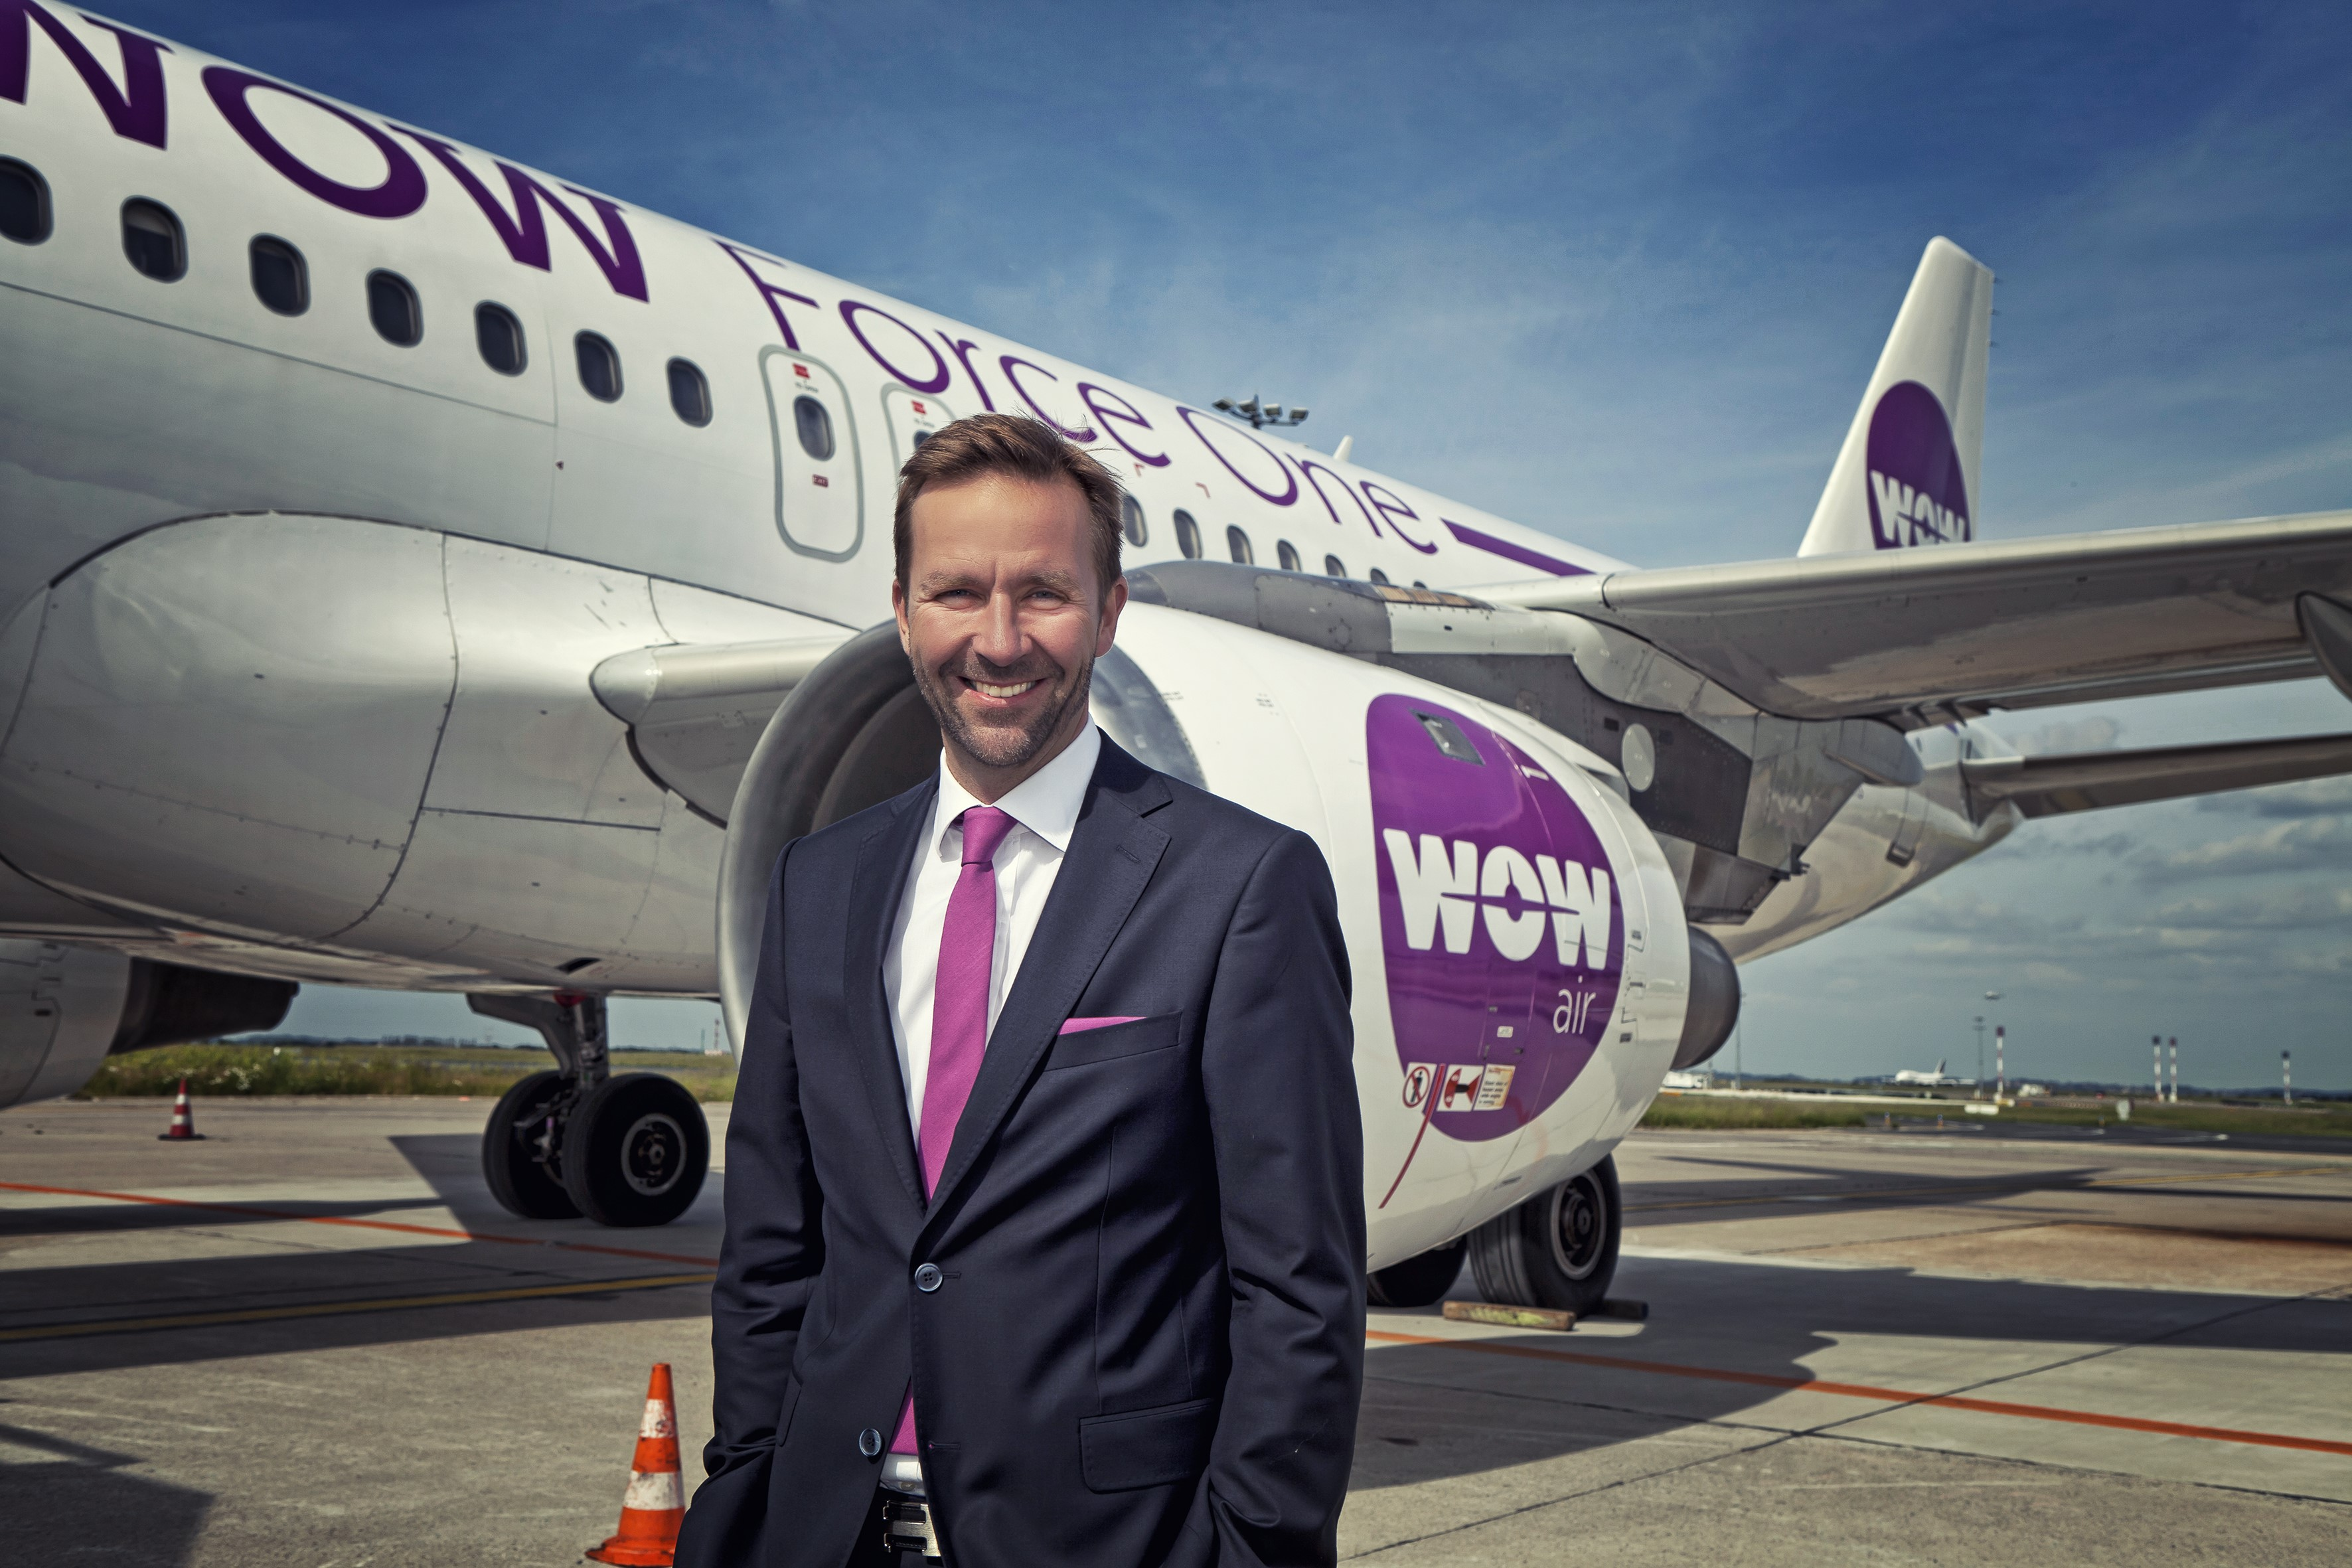 Skuli Mogensen der i 2012 startede islandske Wow Air, som Icelandair nu overtager. Foto: Wow Air.